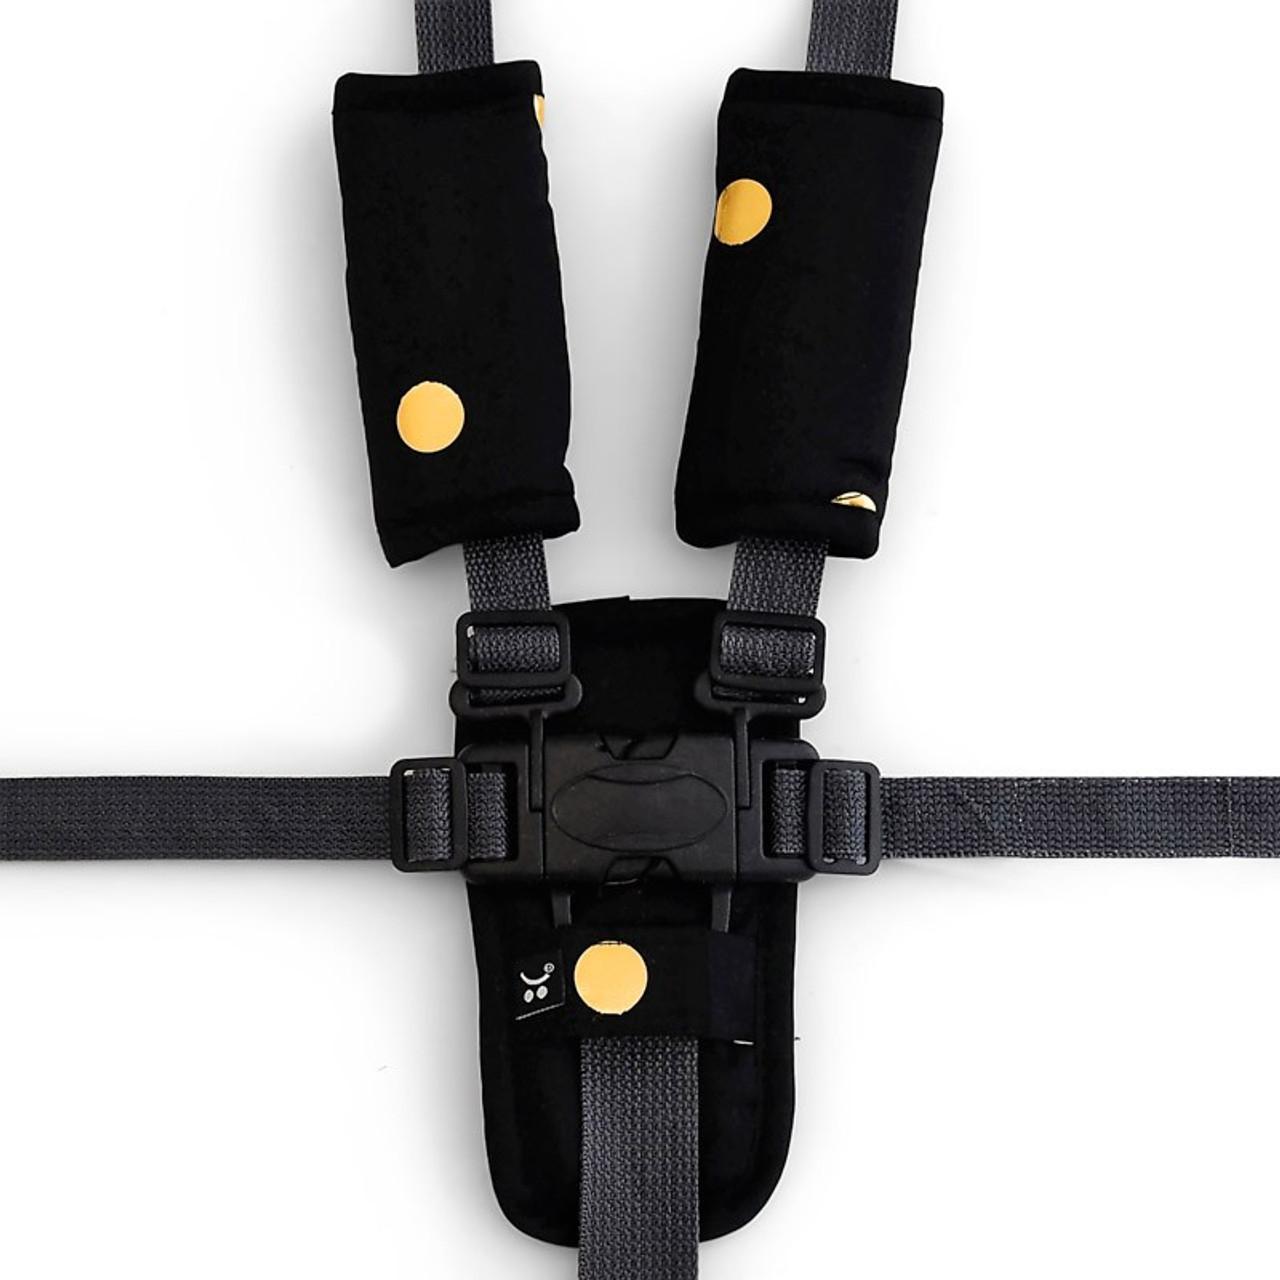 Outlook Get Foiled Pram Harness Cover Set - BLACK/GOLD SPOTS